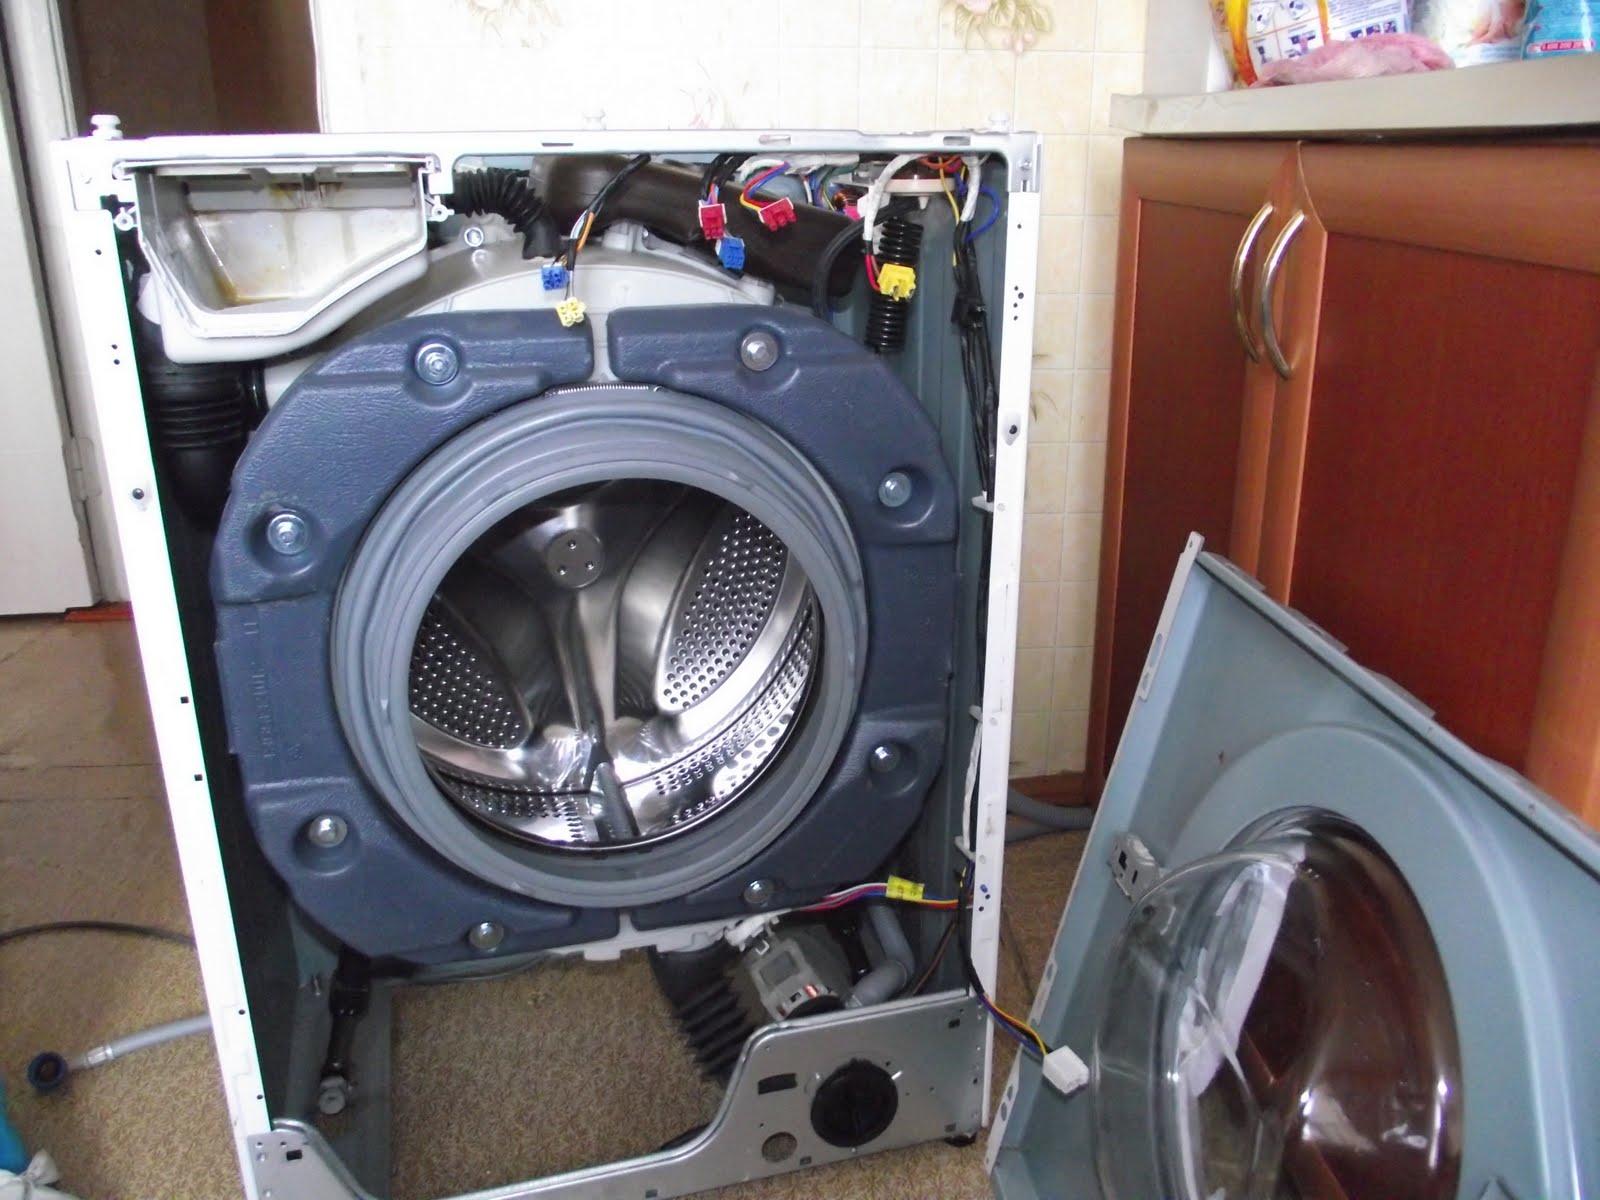 Ремонт амортизаторов на стиральной машине своими руками